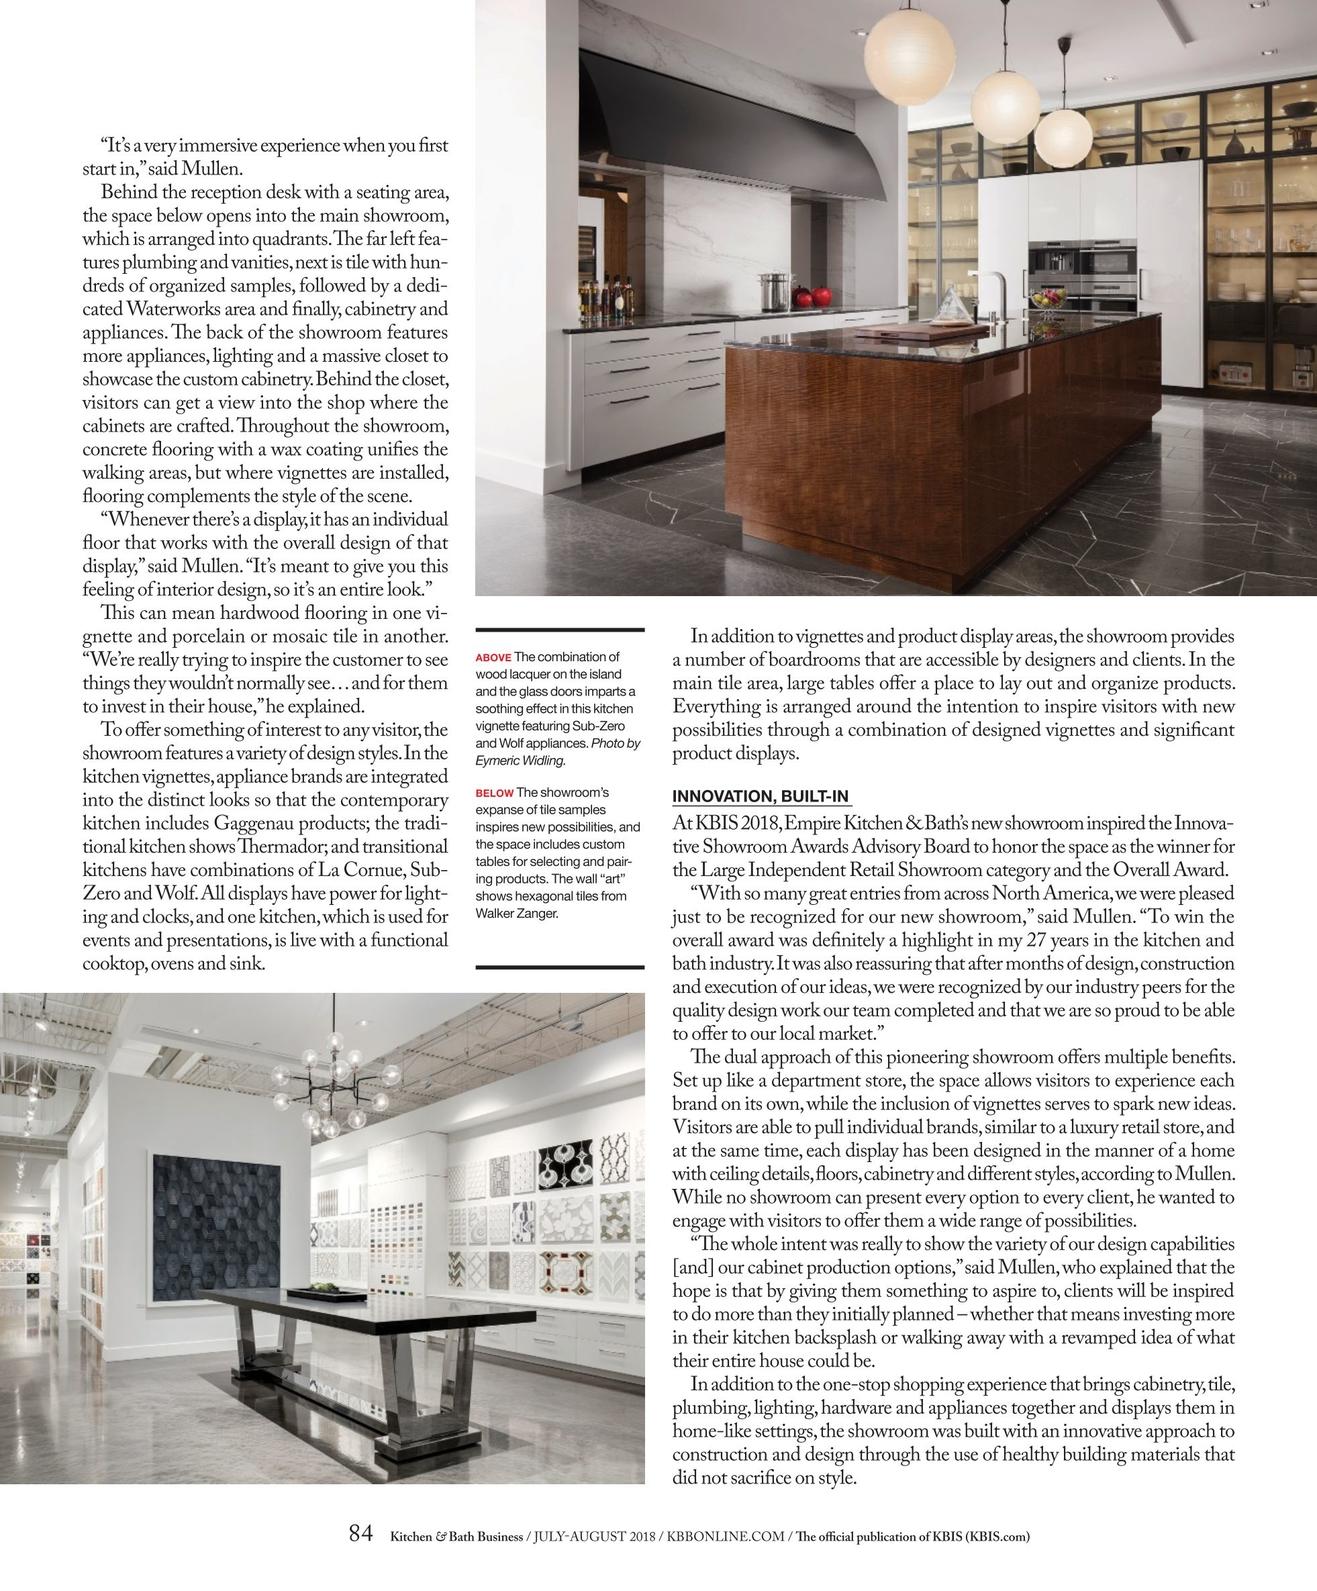 Enjoyable Kitchen Bath Business July August 2018 Download Free Architecture Designs Scobabritishbridgeorg